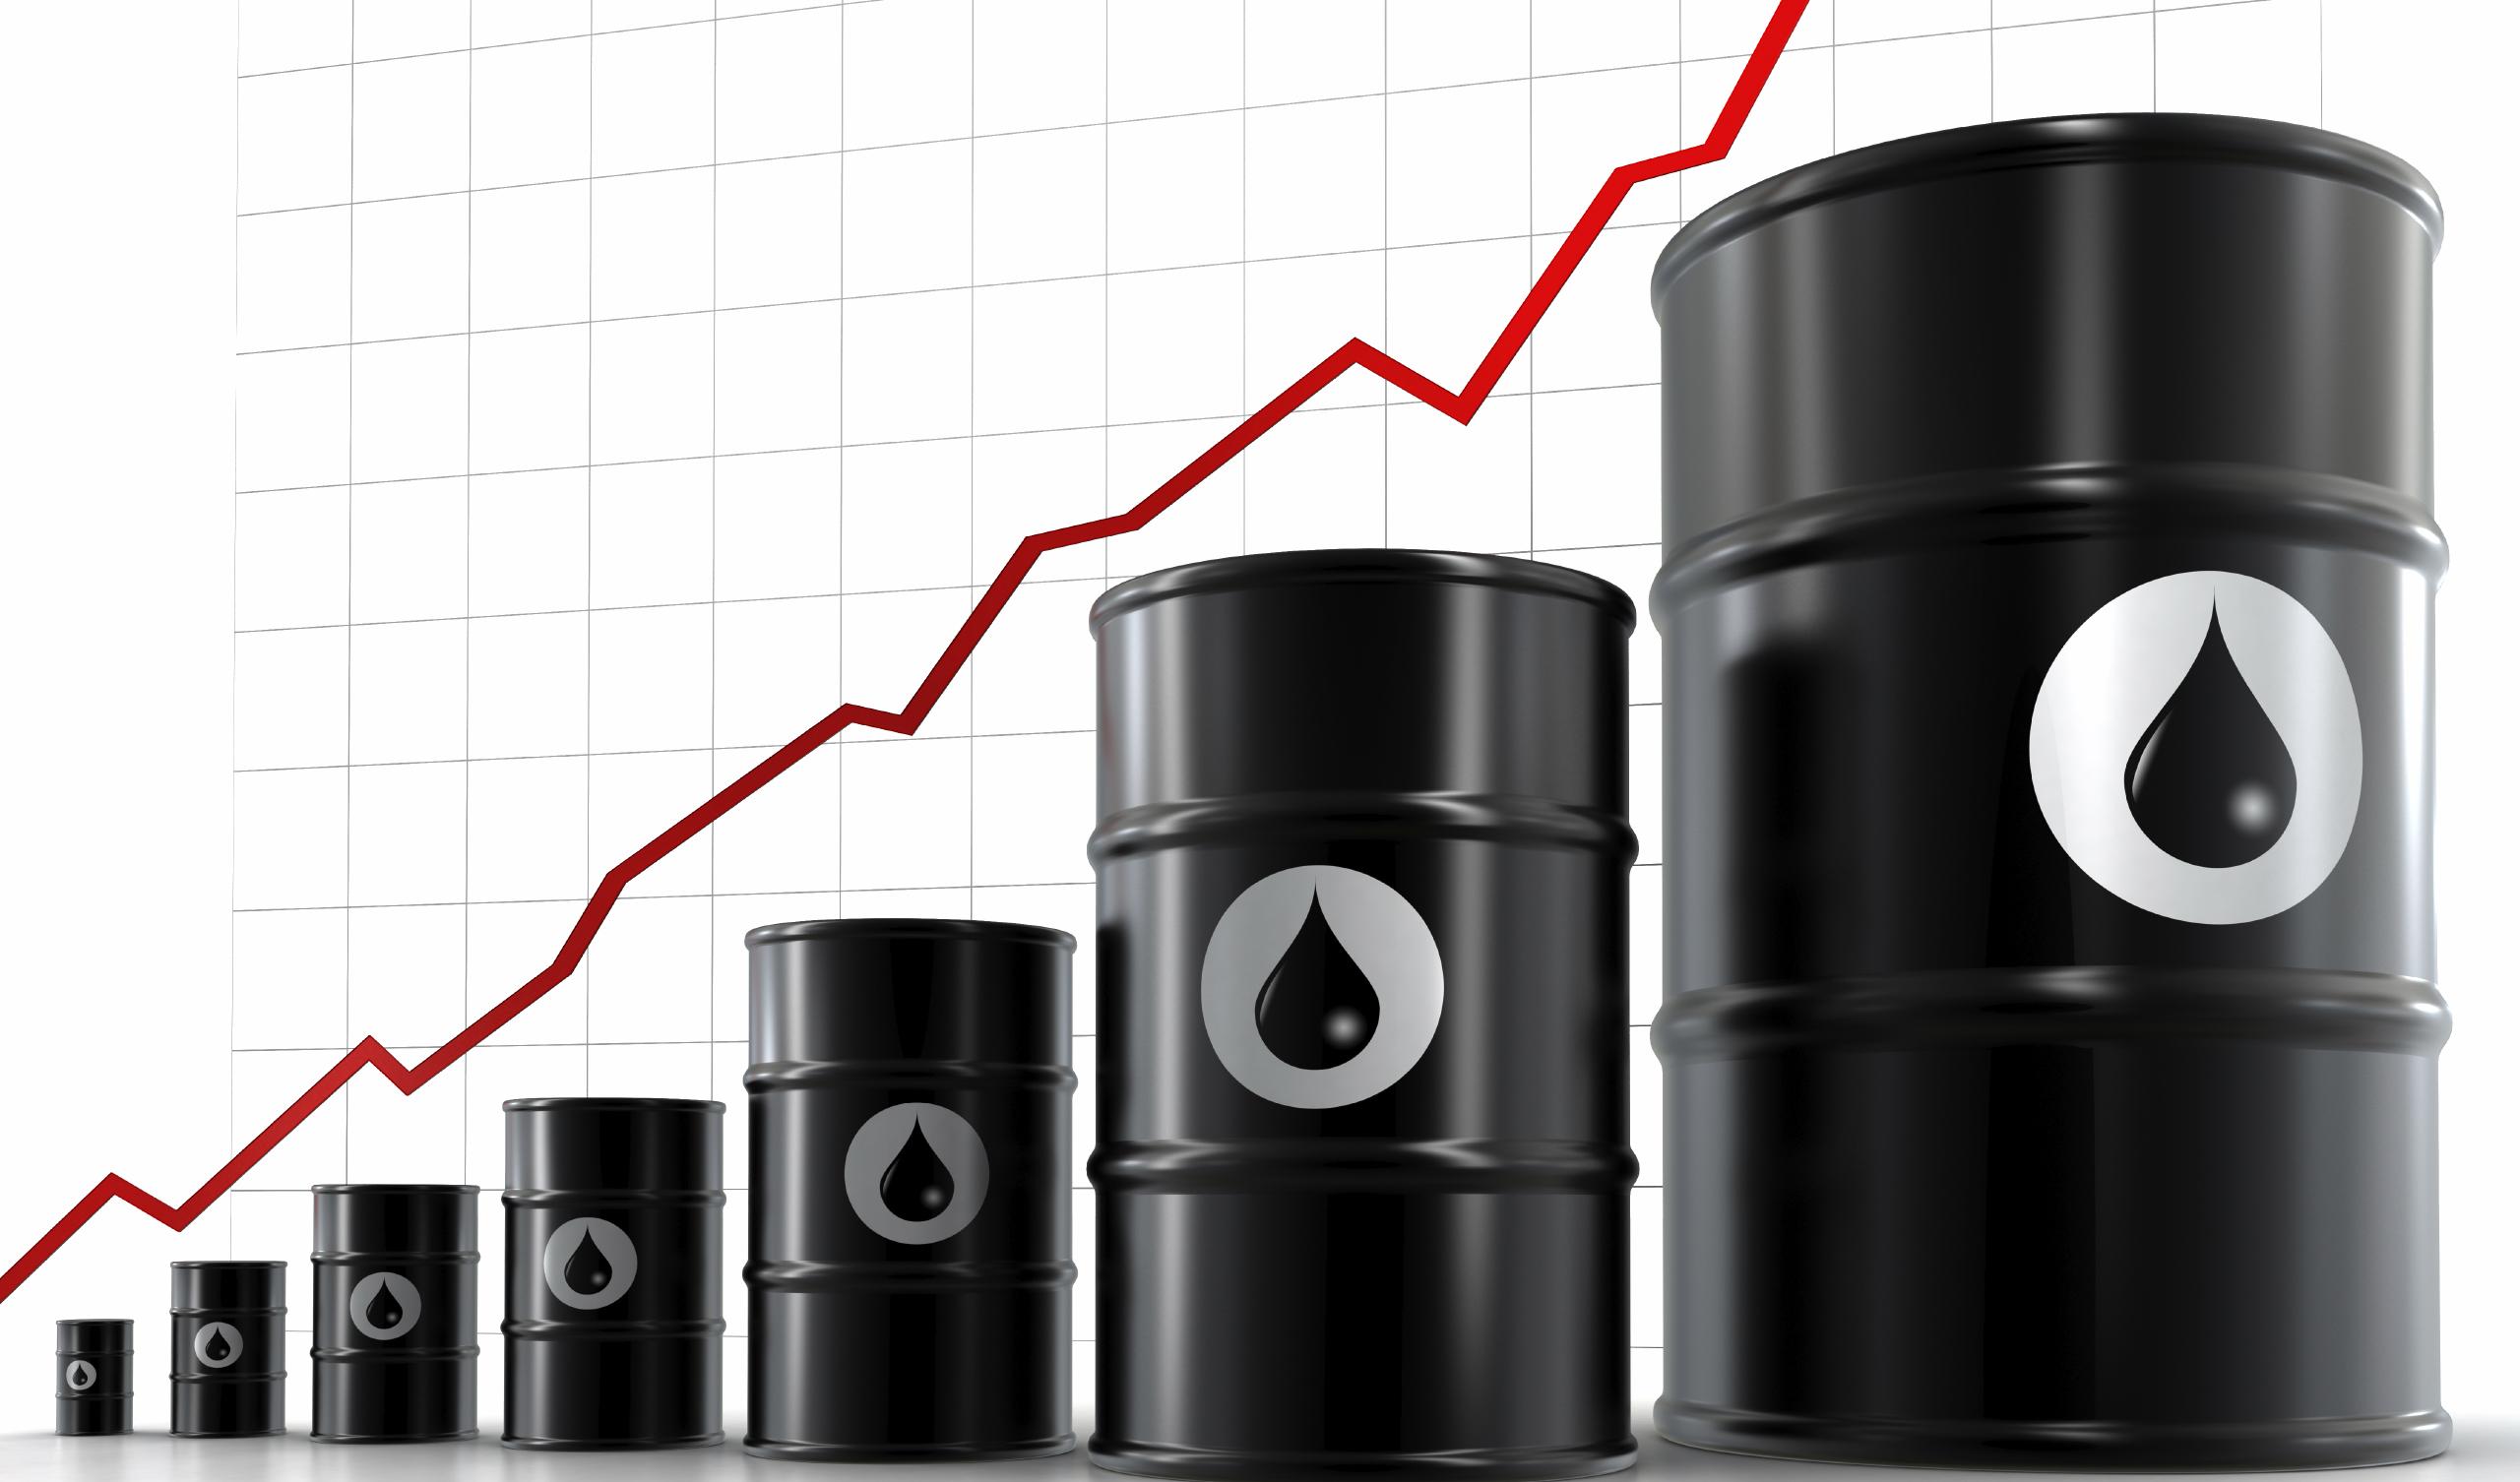 رشد قیمت طلای سیاه در سایه تصمیمات اوپک